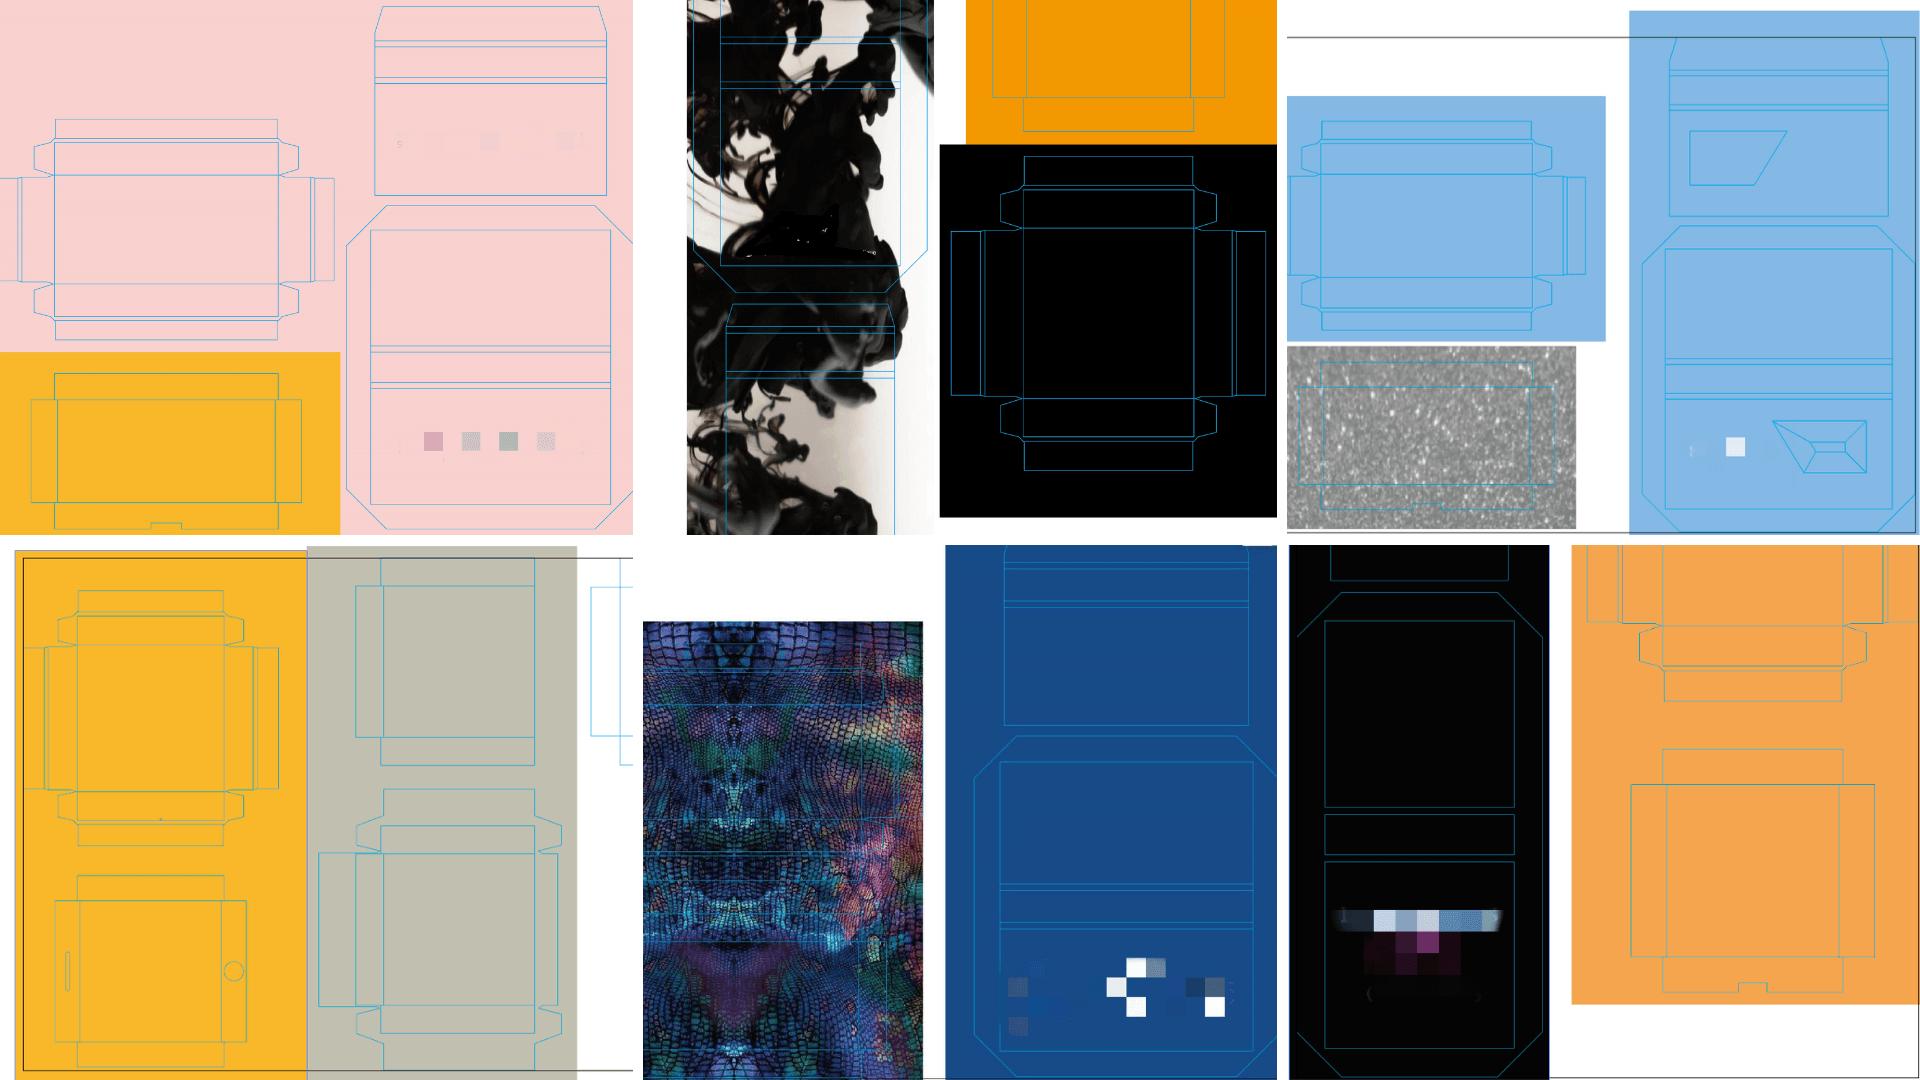 custom lashes box design draft